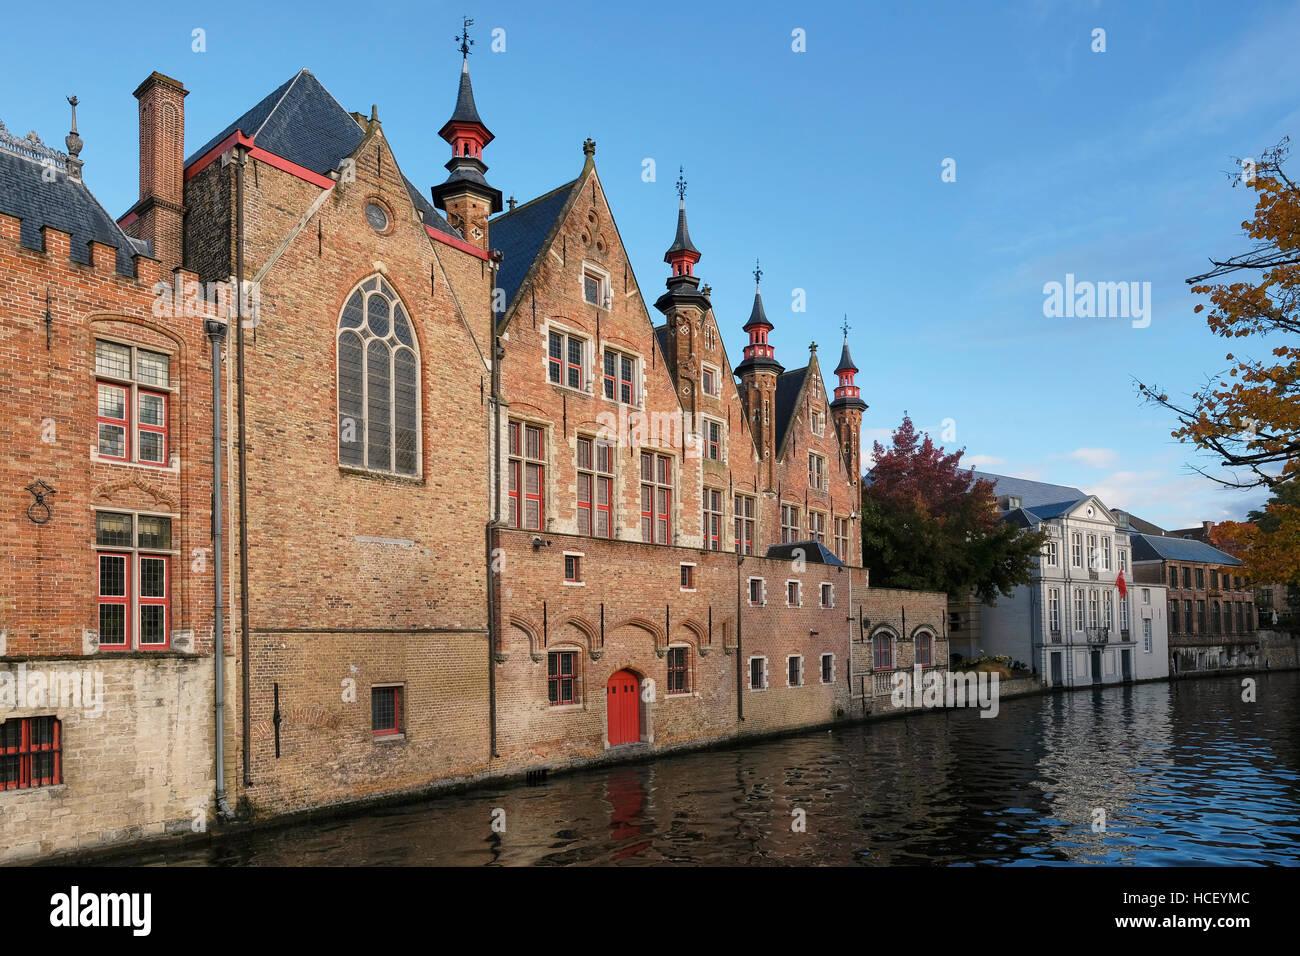 Mattone rosso lato canale edifici sulla Groenerie canal, . Edificio sulla sinistra è parte della Oude Civiele Immagini Stock